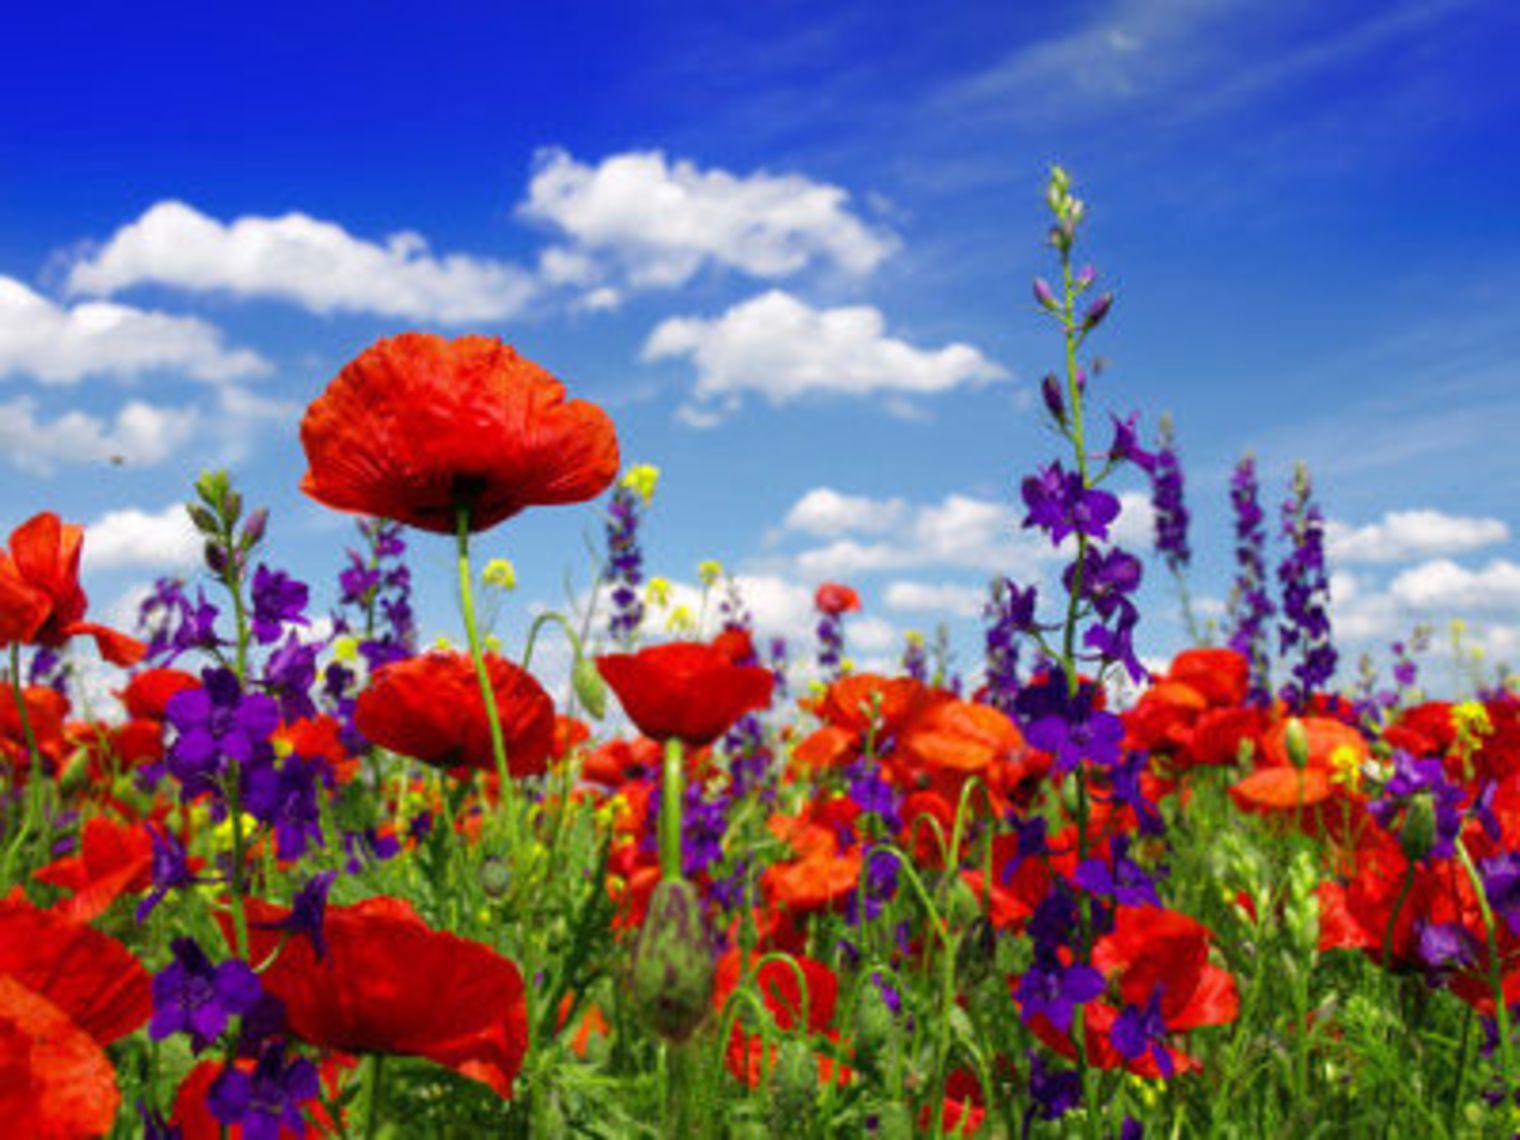 Une nouvelle fleur en plein questionnement - Page 4 Des-fleurs-des-champs-pour-un-mariage-printanier_4766091